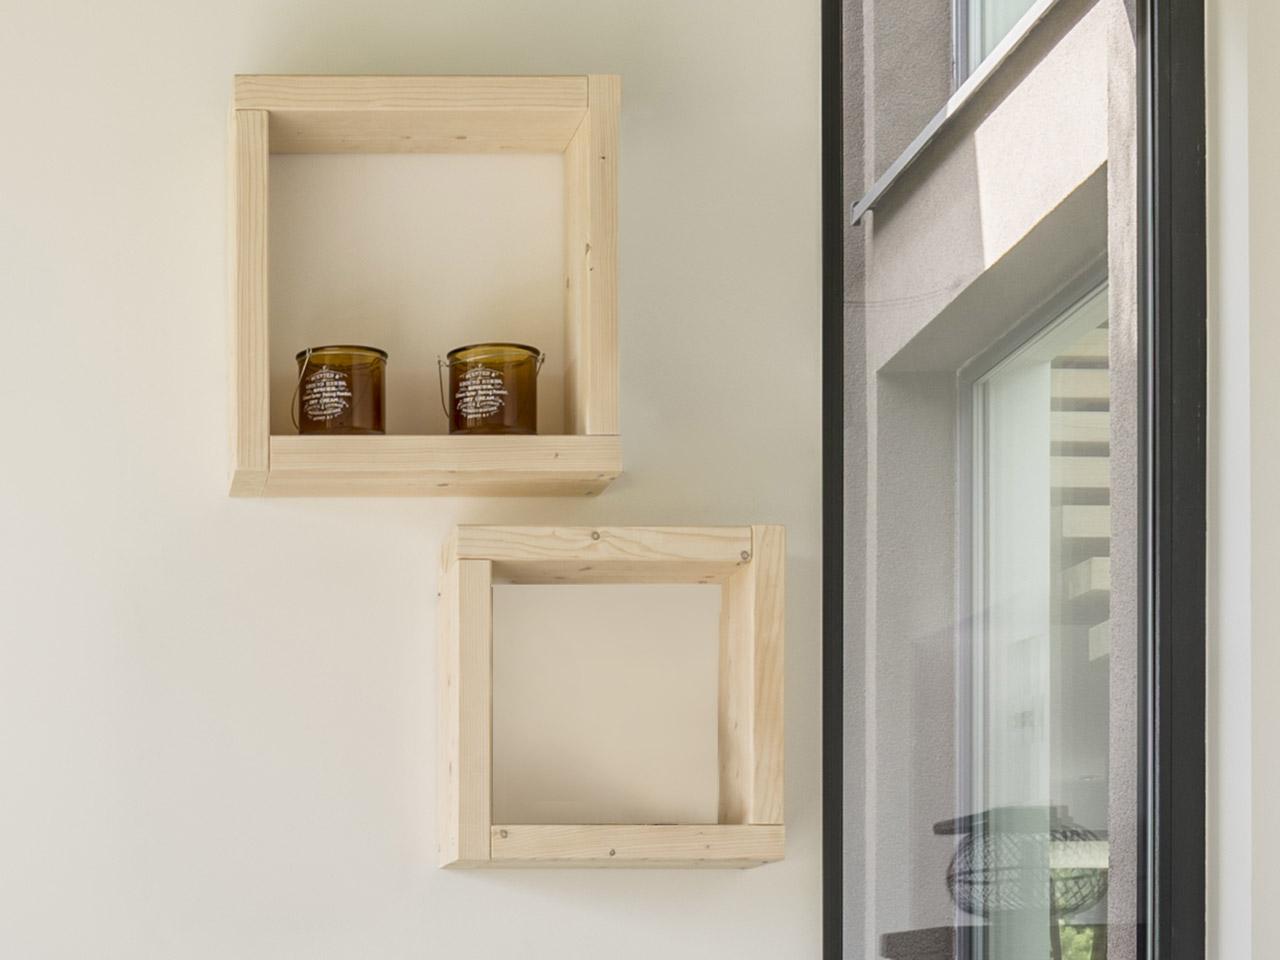 Wandregal in Form von Holzwürfeln